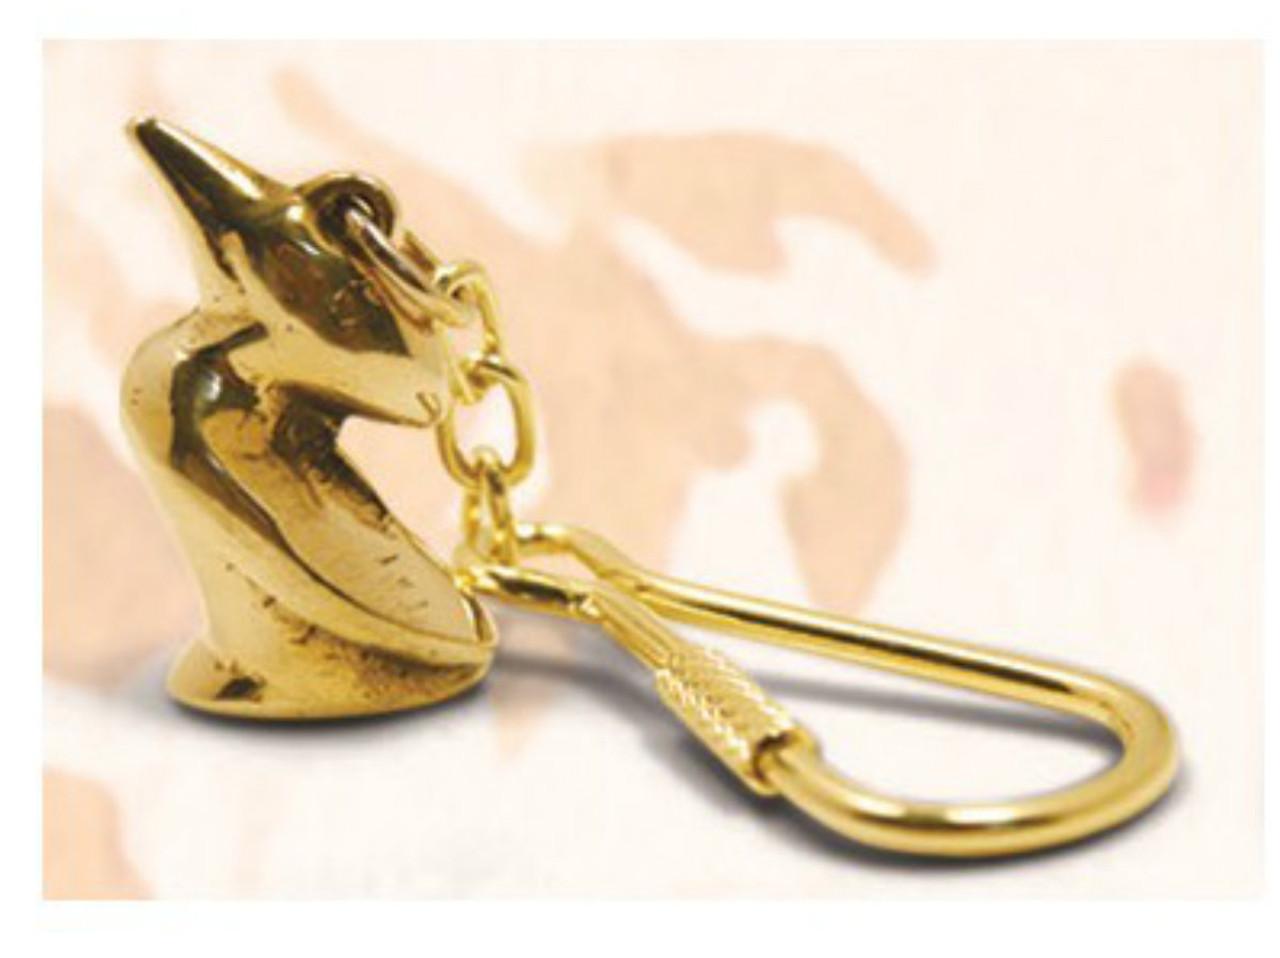 Brass Key Chain - Pelican